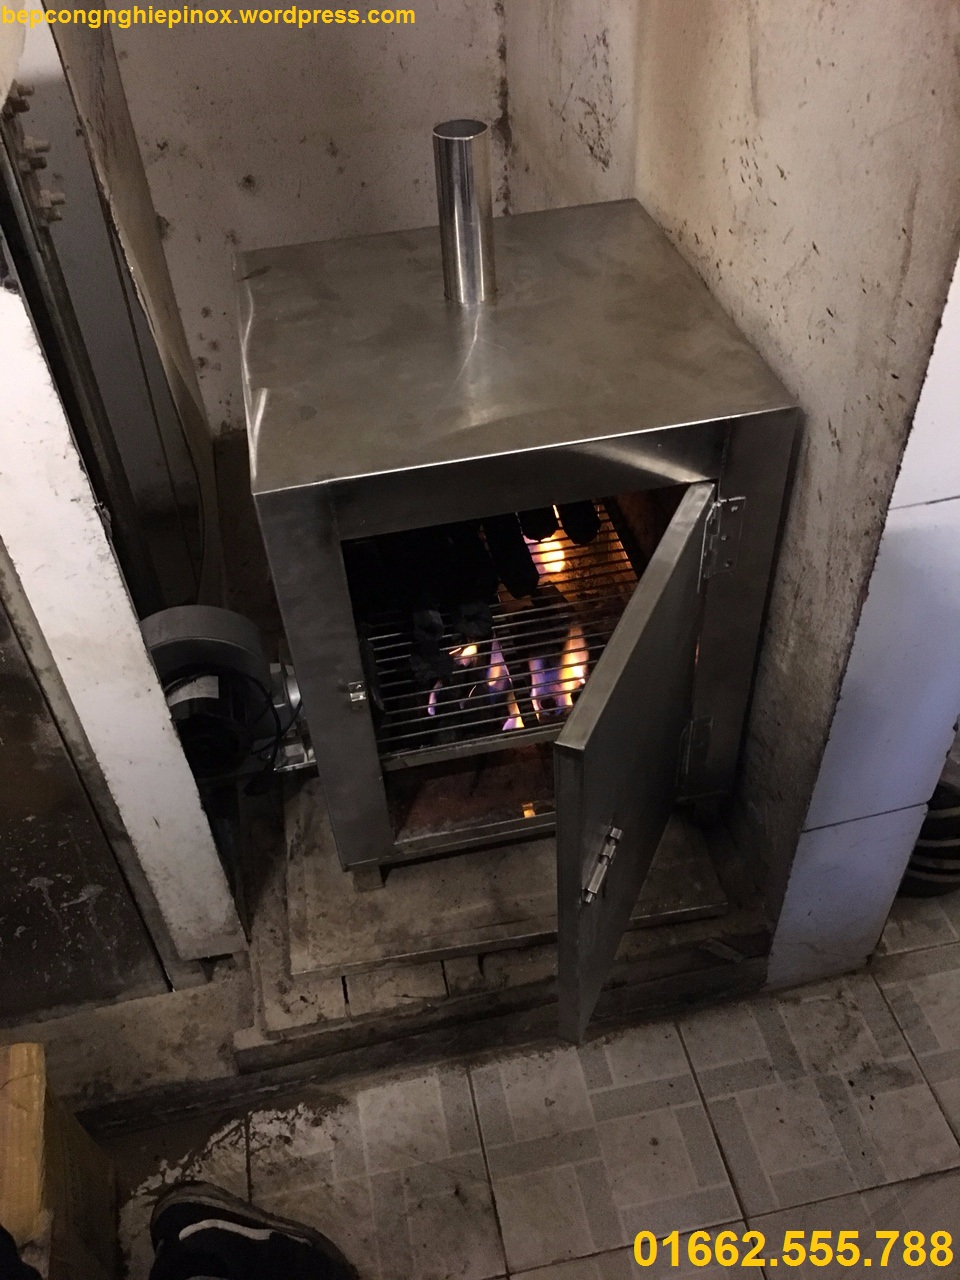 Địa chỉ bán LÒ Ủ THAN HOA KHÔNG KHÓI bằng inox cho nhà hàng lẩu nướng KING BBQ